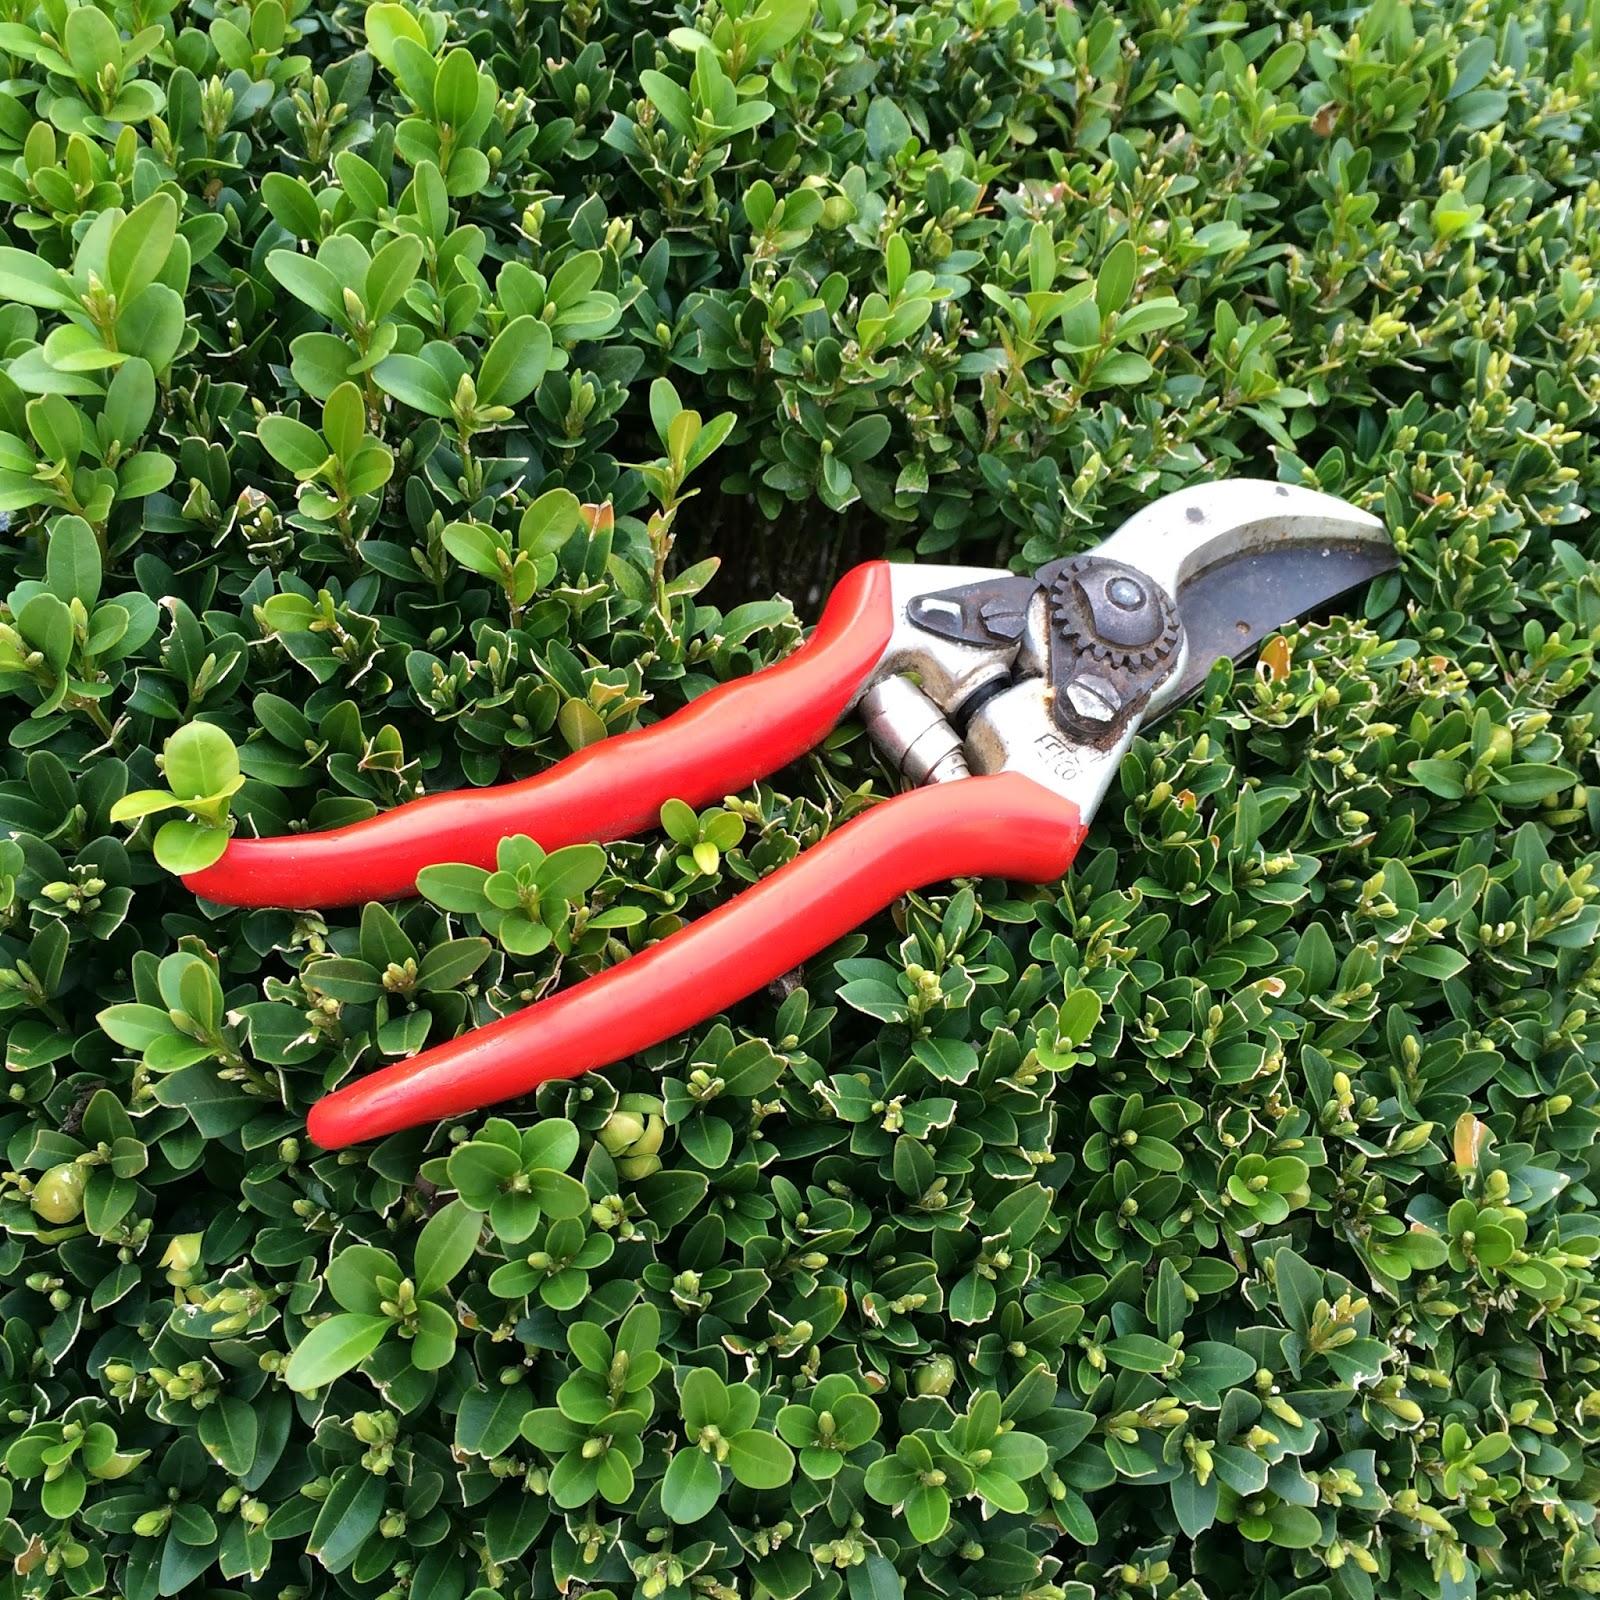 La passion des rosiers la p pini re fil roses taille des rosiers quand pourquoi comment - Comment couper un rosier ...